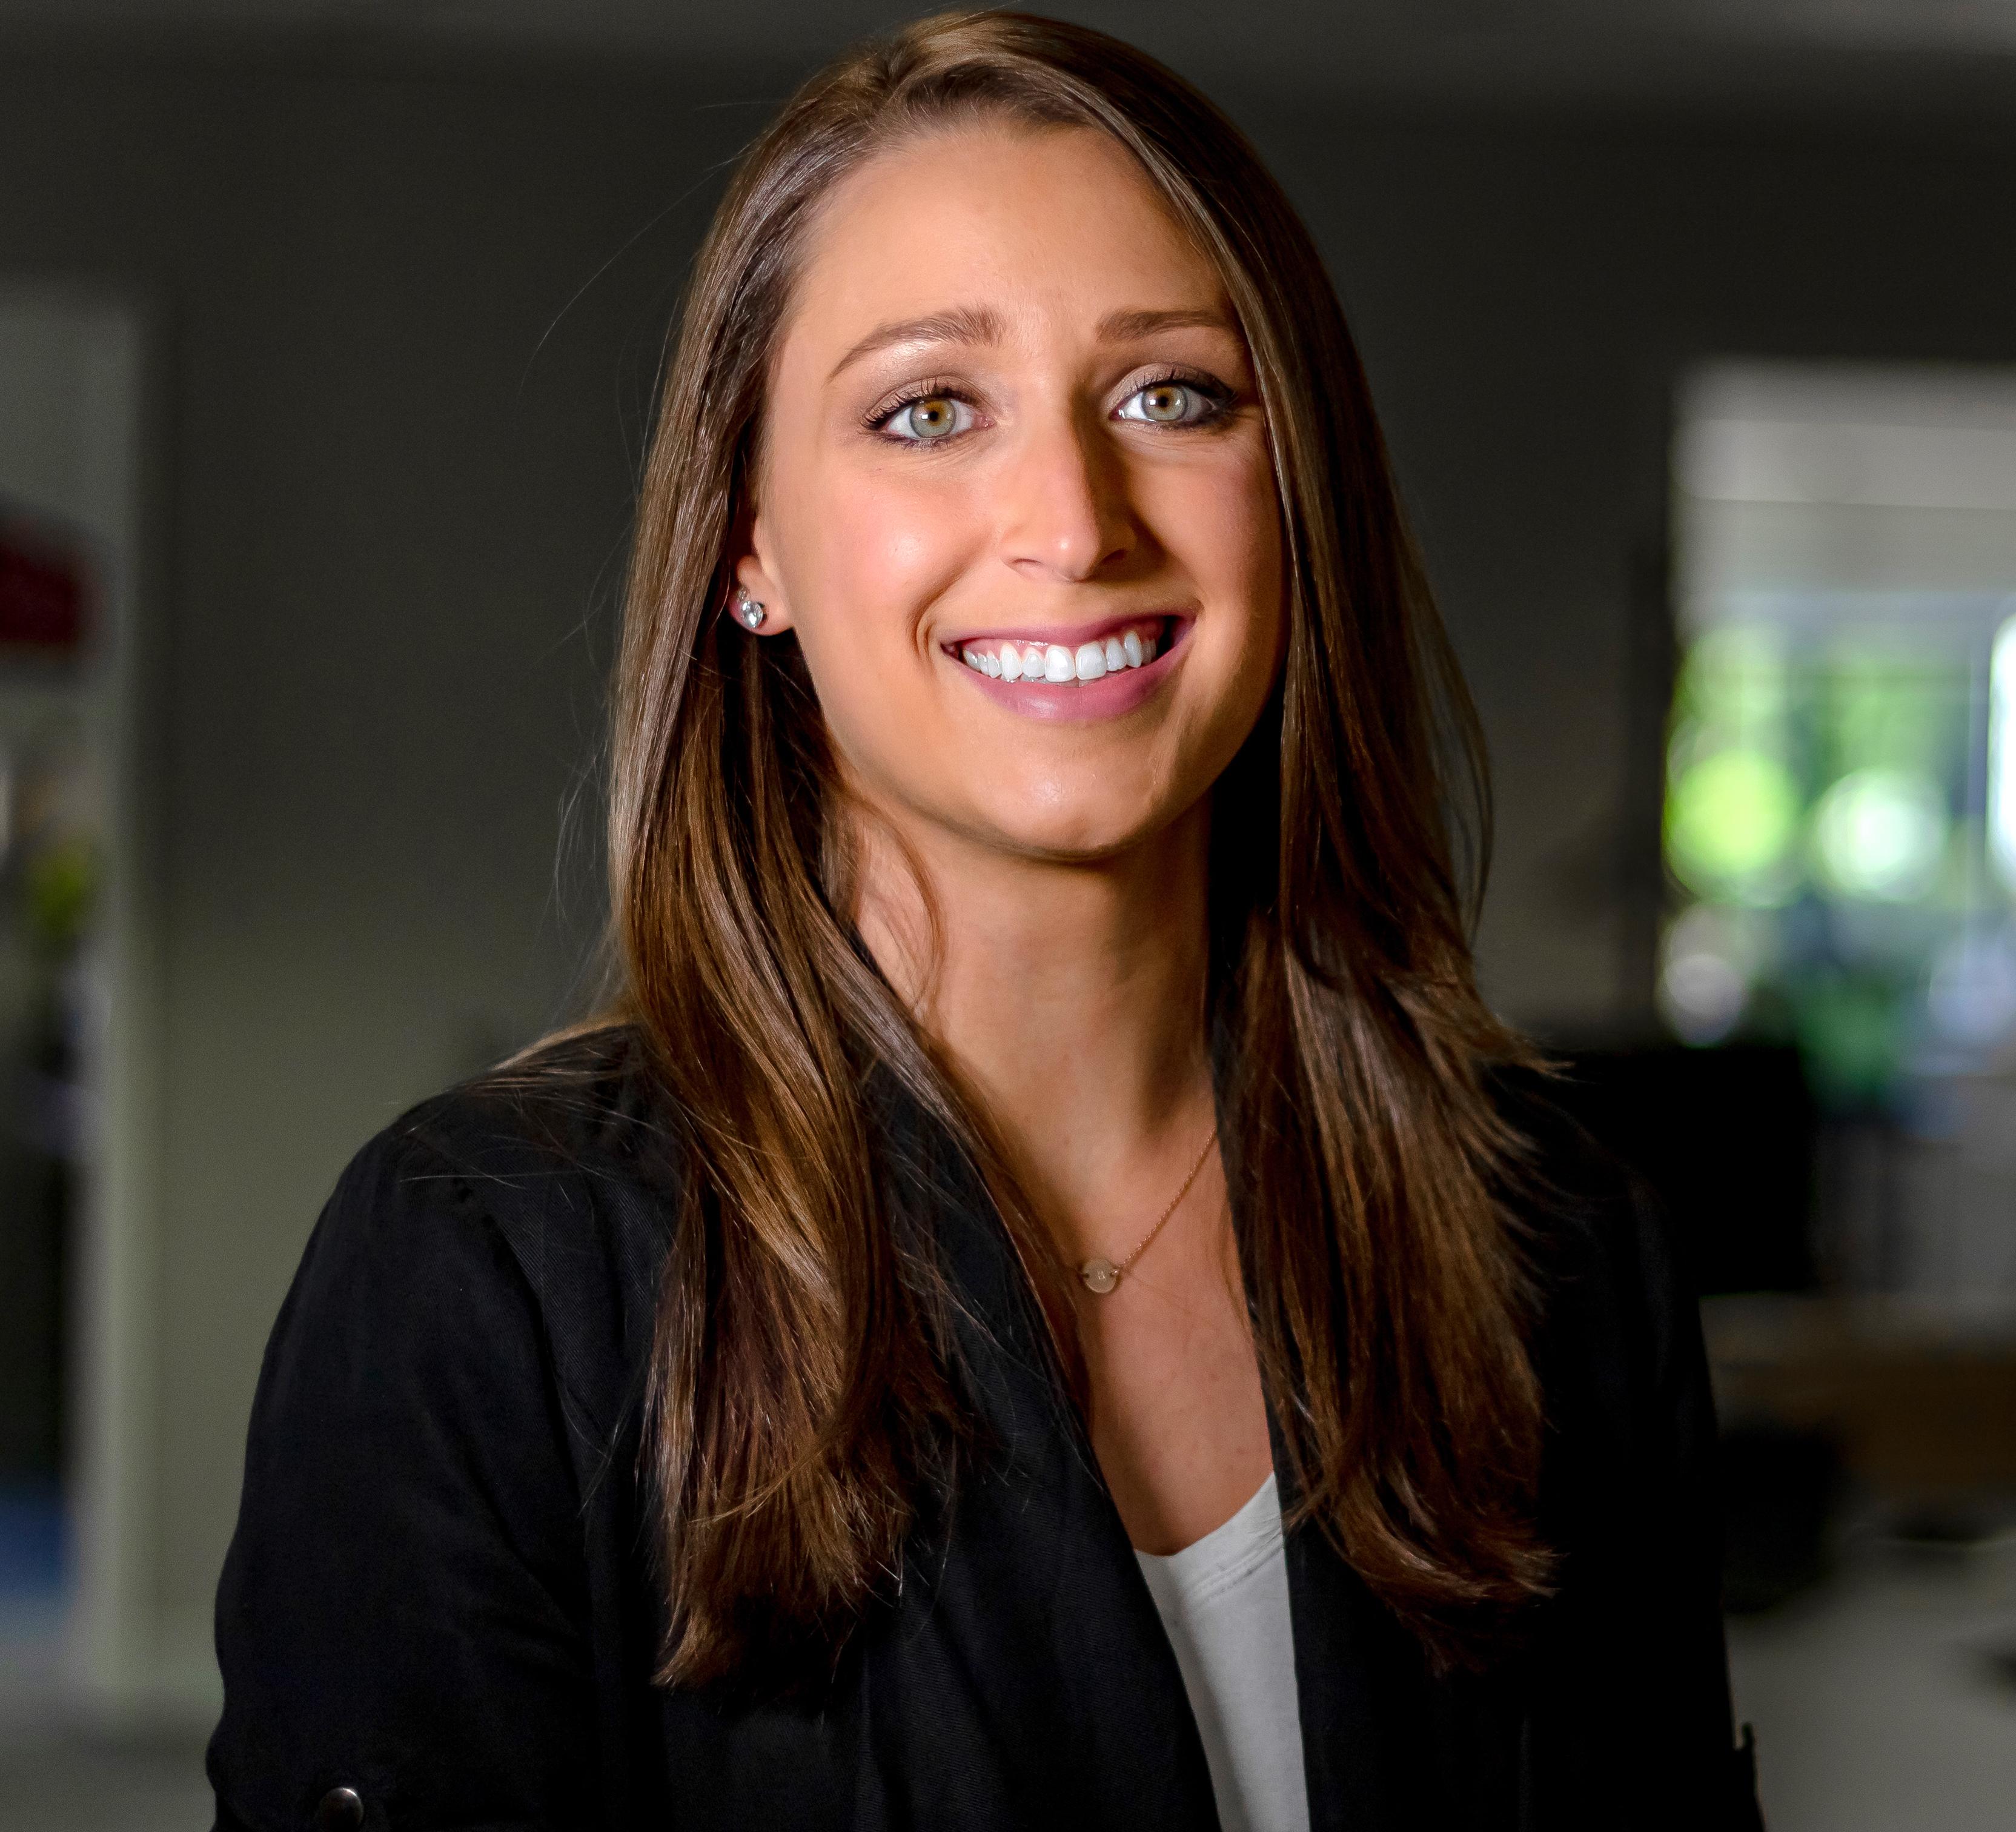 Bethany Reisinger